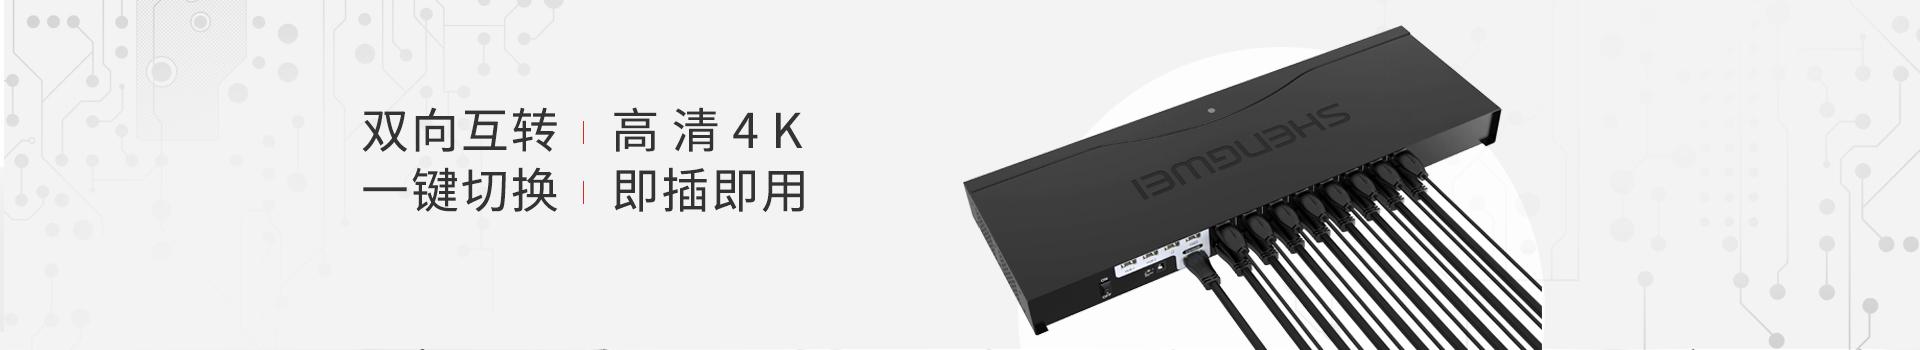 胜为 HDMI切换器,双向互转、高清4k、一键切换、 即插即用